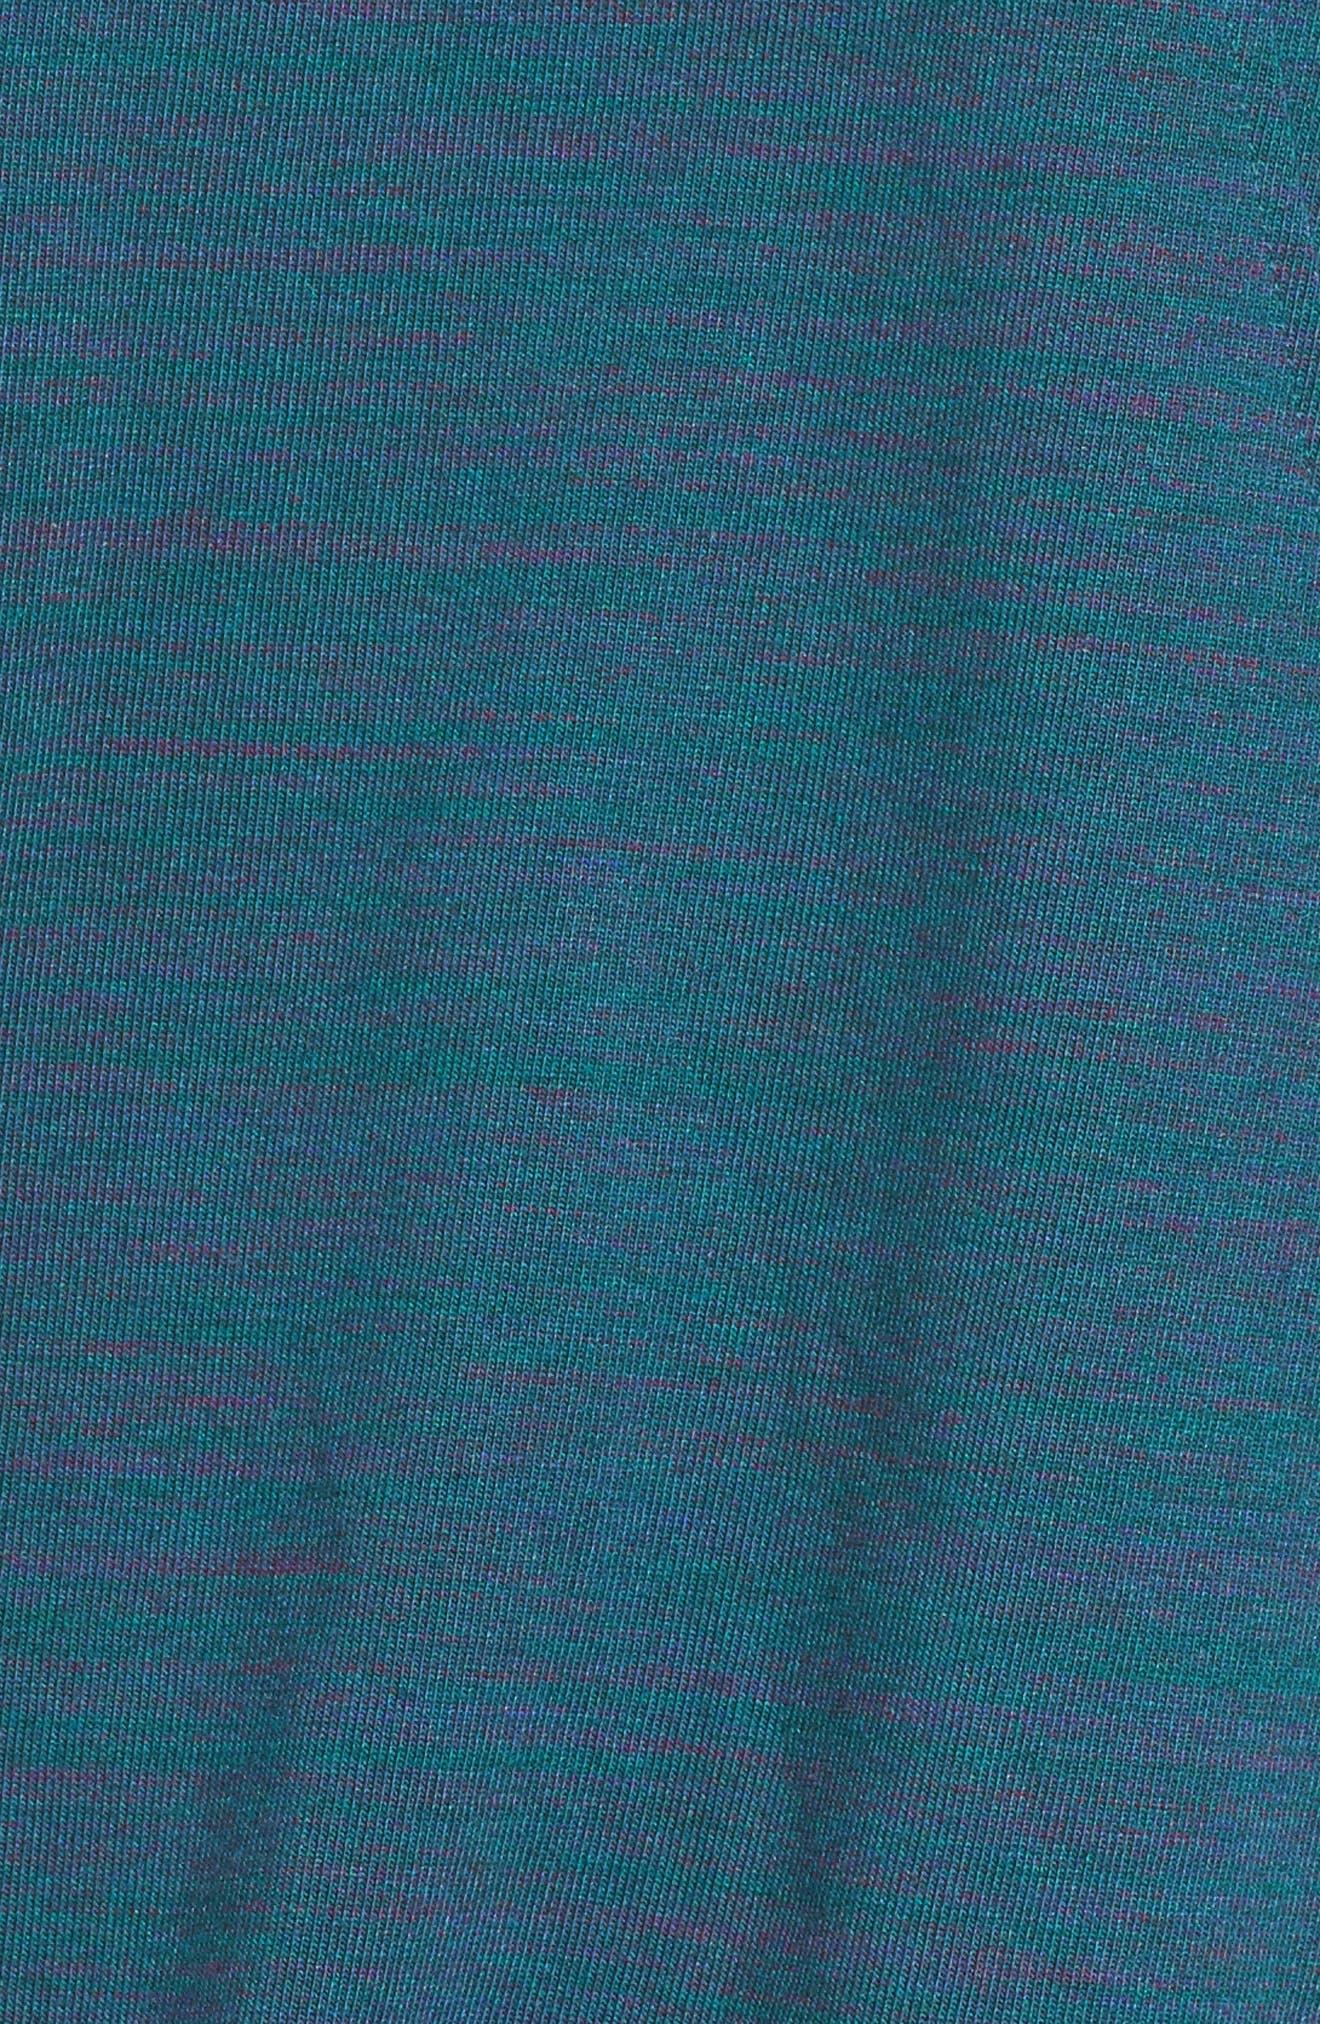 Gym Zip Hoodie,                             Alternate thumbnail 41, color,